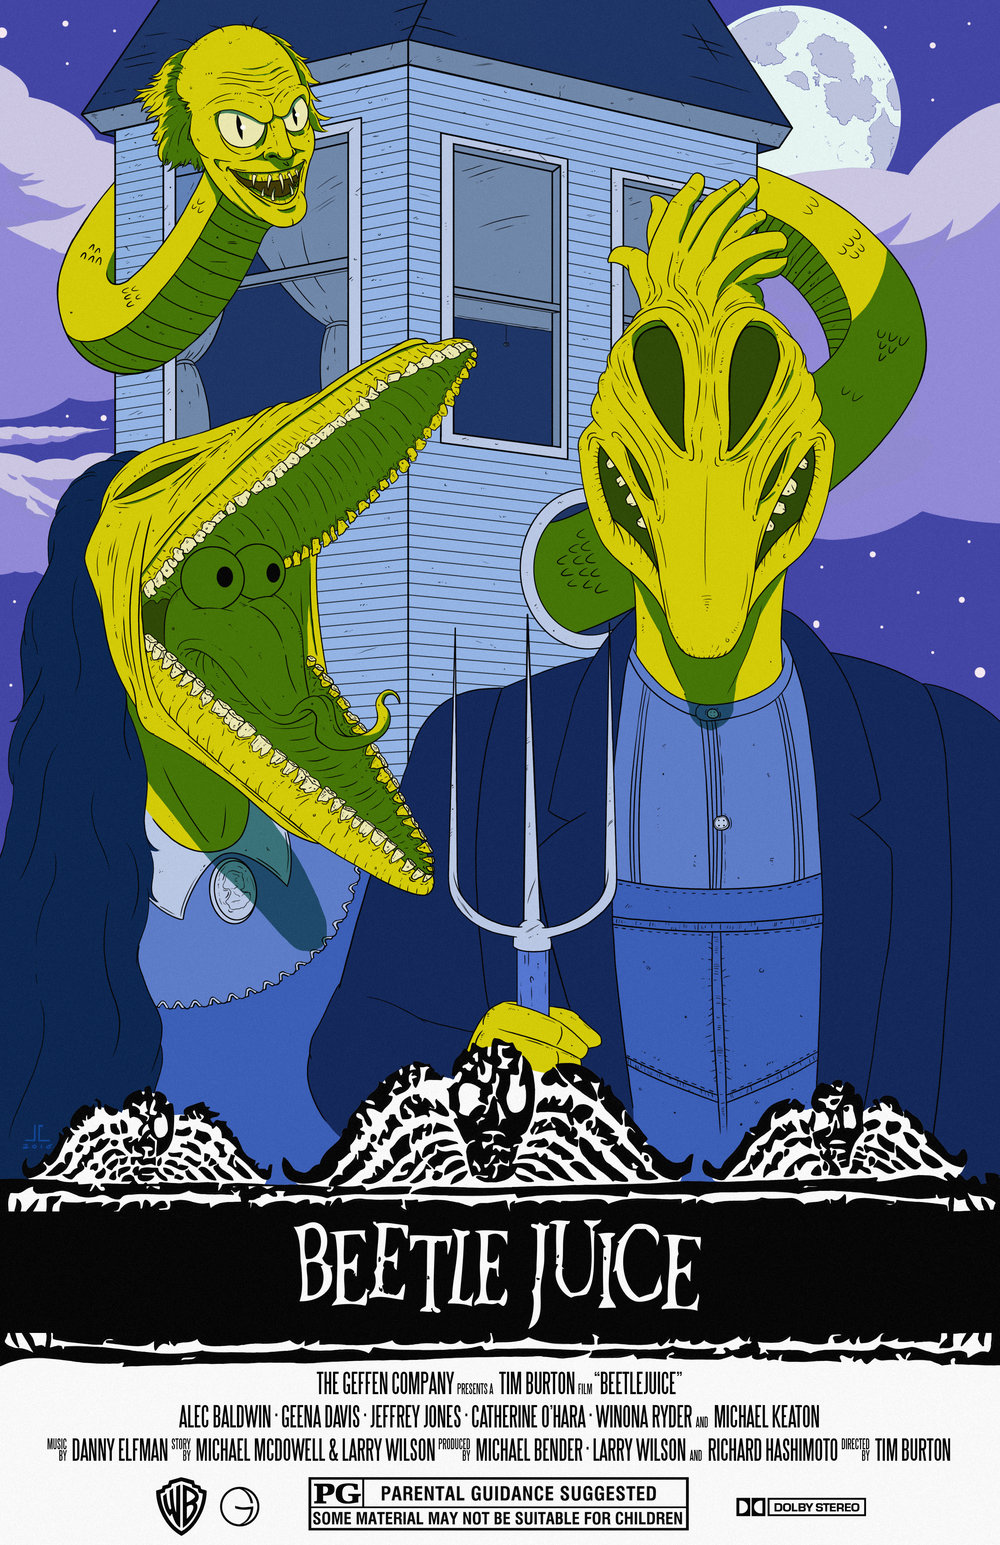 Beetlejuice Movie Poster